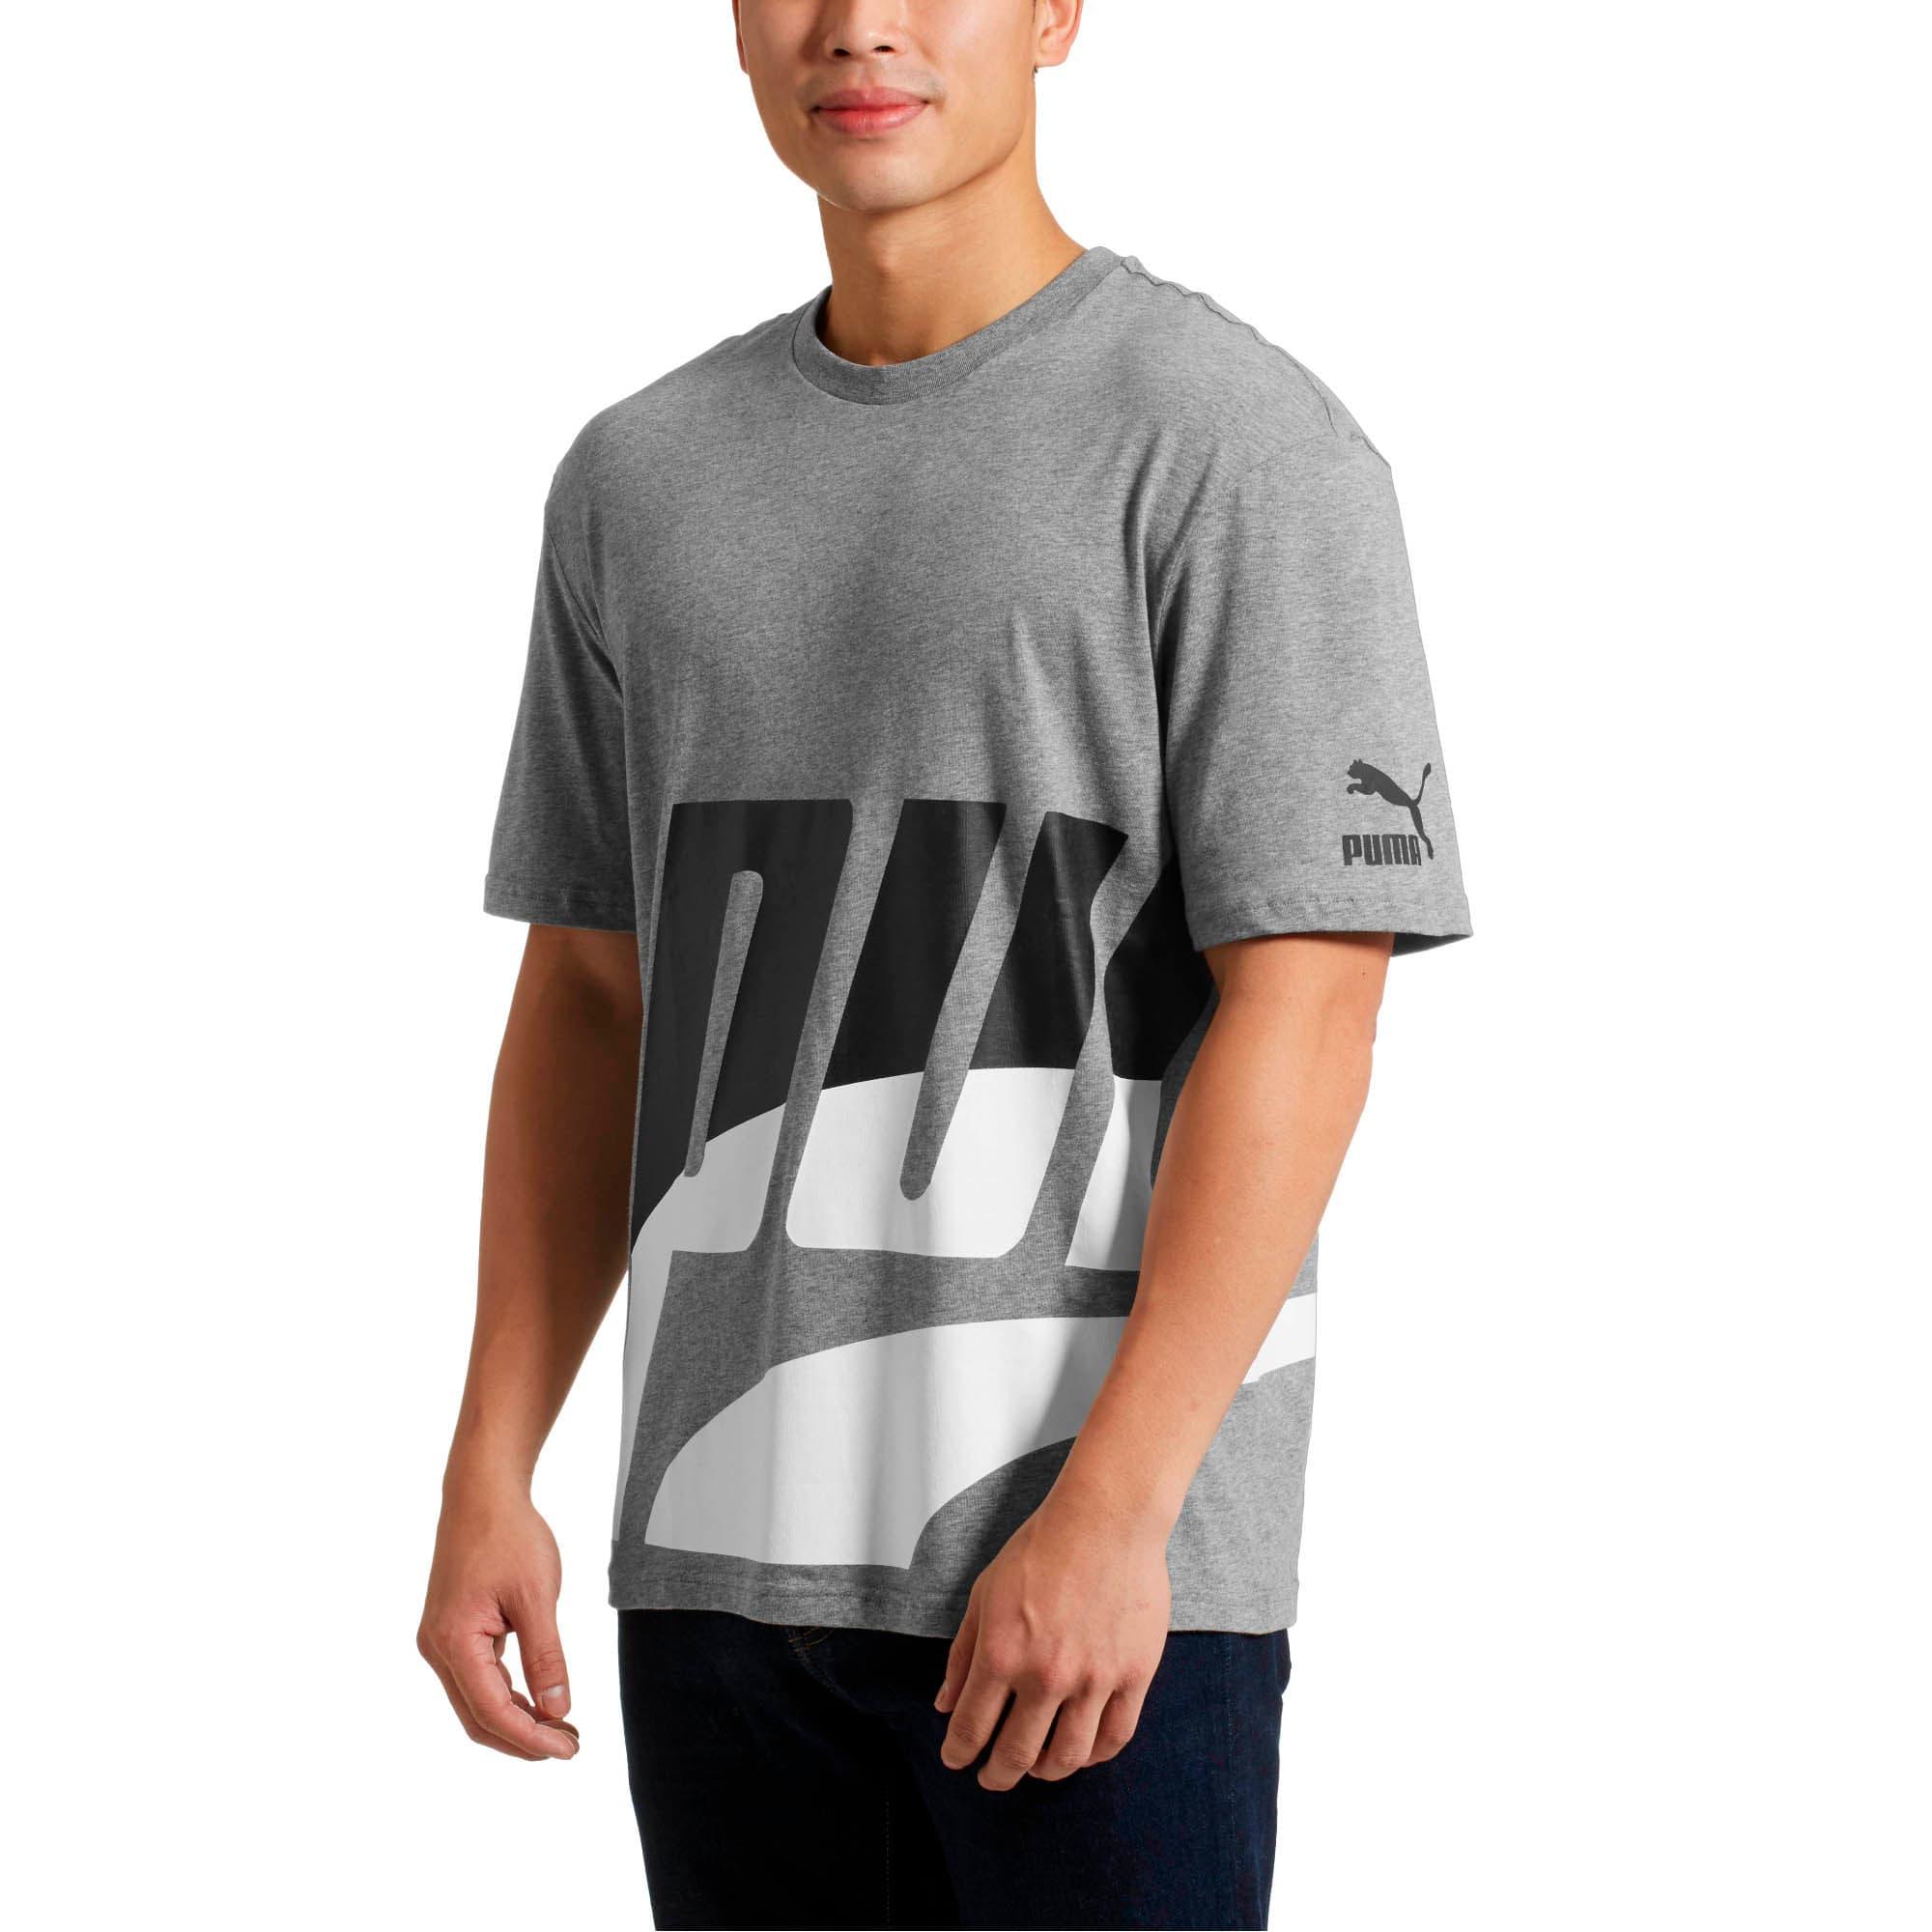 Thumbnail 2 of Men's Loud T-Shirt, Medium Gray Heather, medium